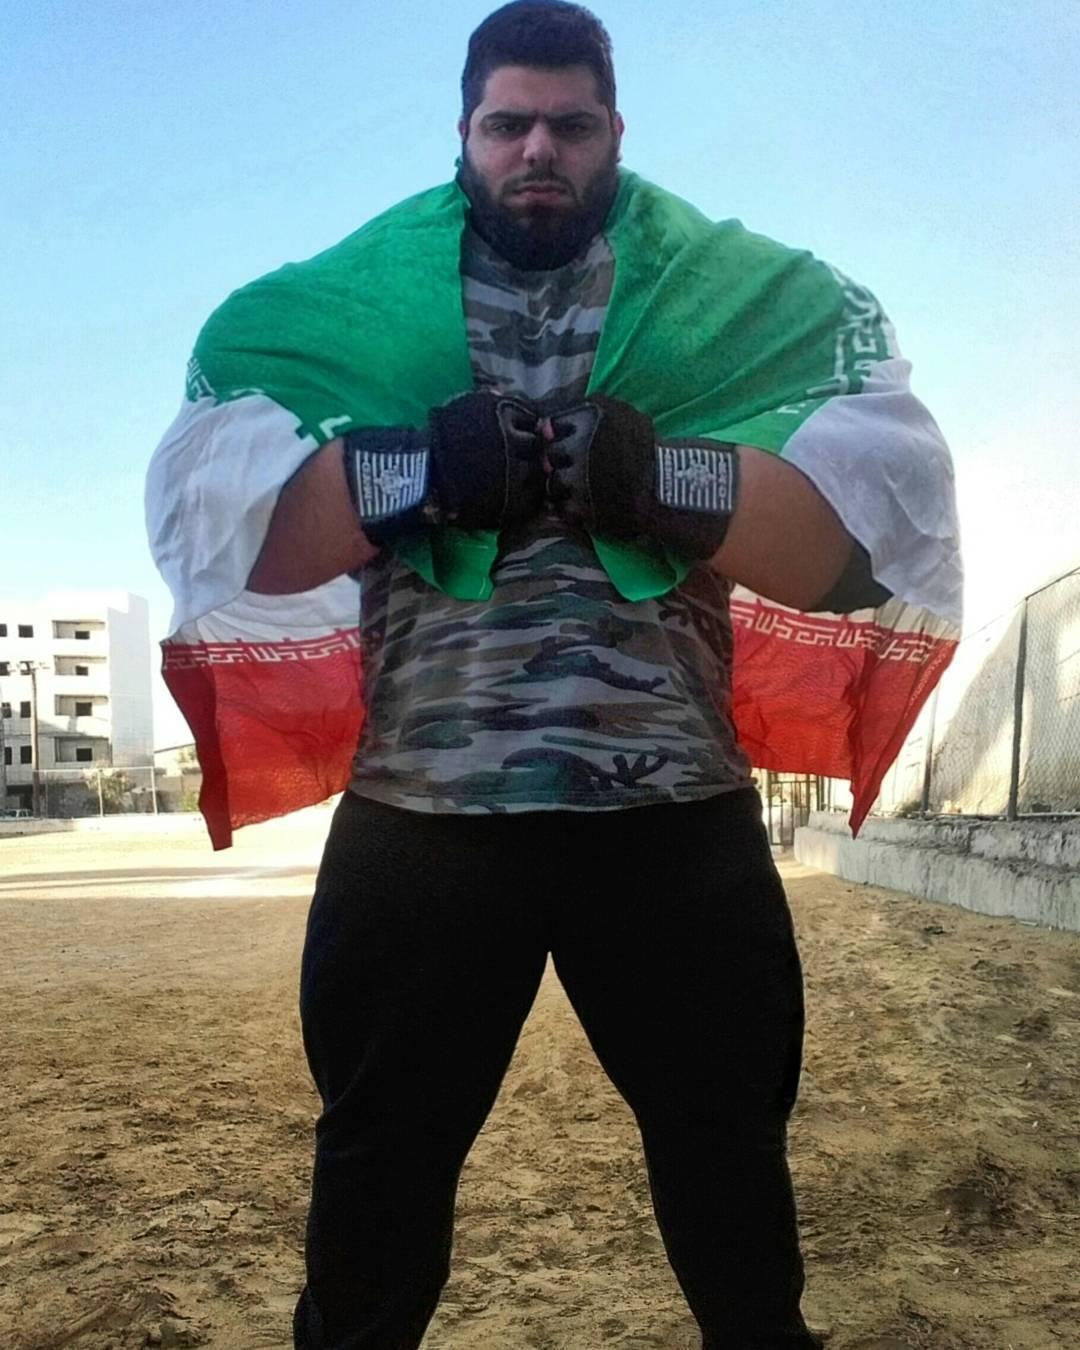 【超筋肉】イランのリアル超人ハルク、ワイ虚弱ニキ喧嘩したら一秒で殺されそう・・・・・(画像)・10枚目